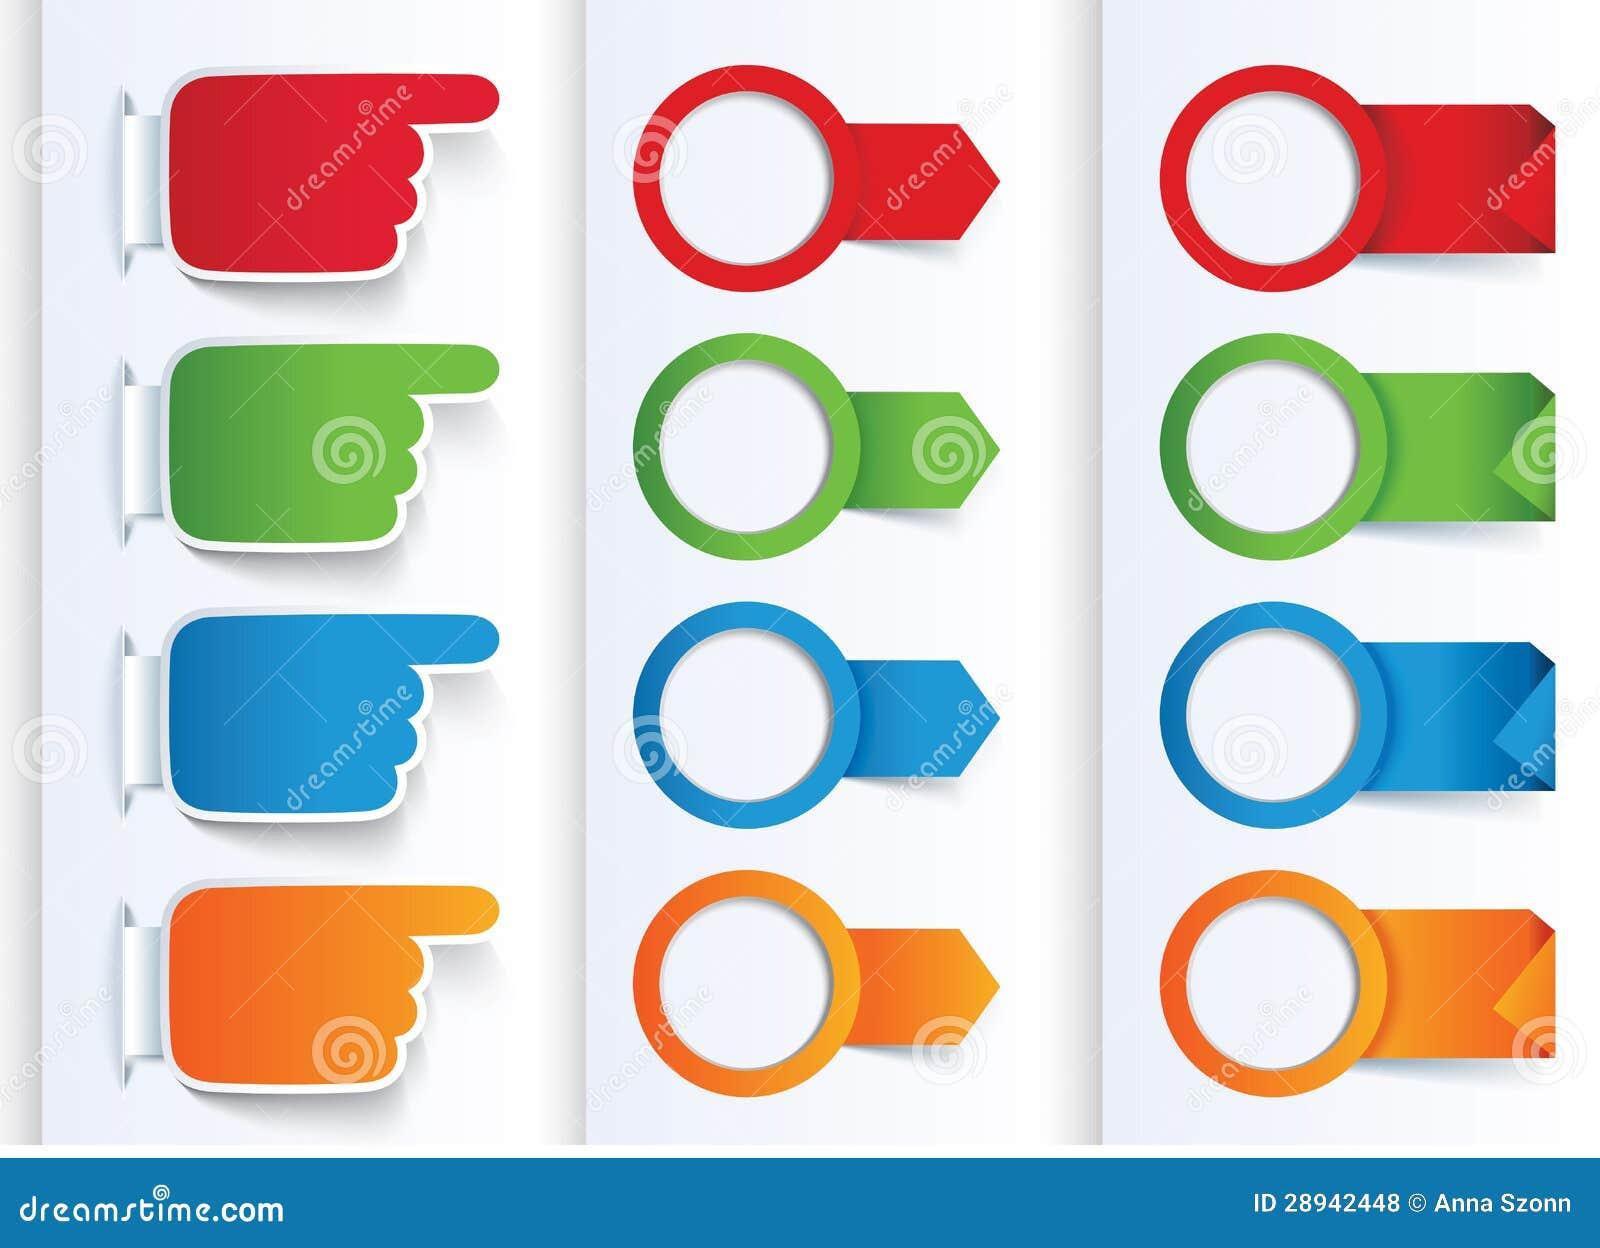 Conjunto de banderas coloridas de las flechas y del diseño.